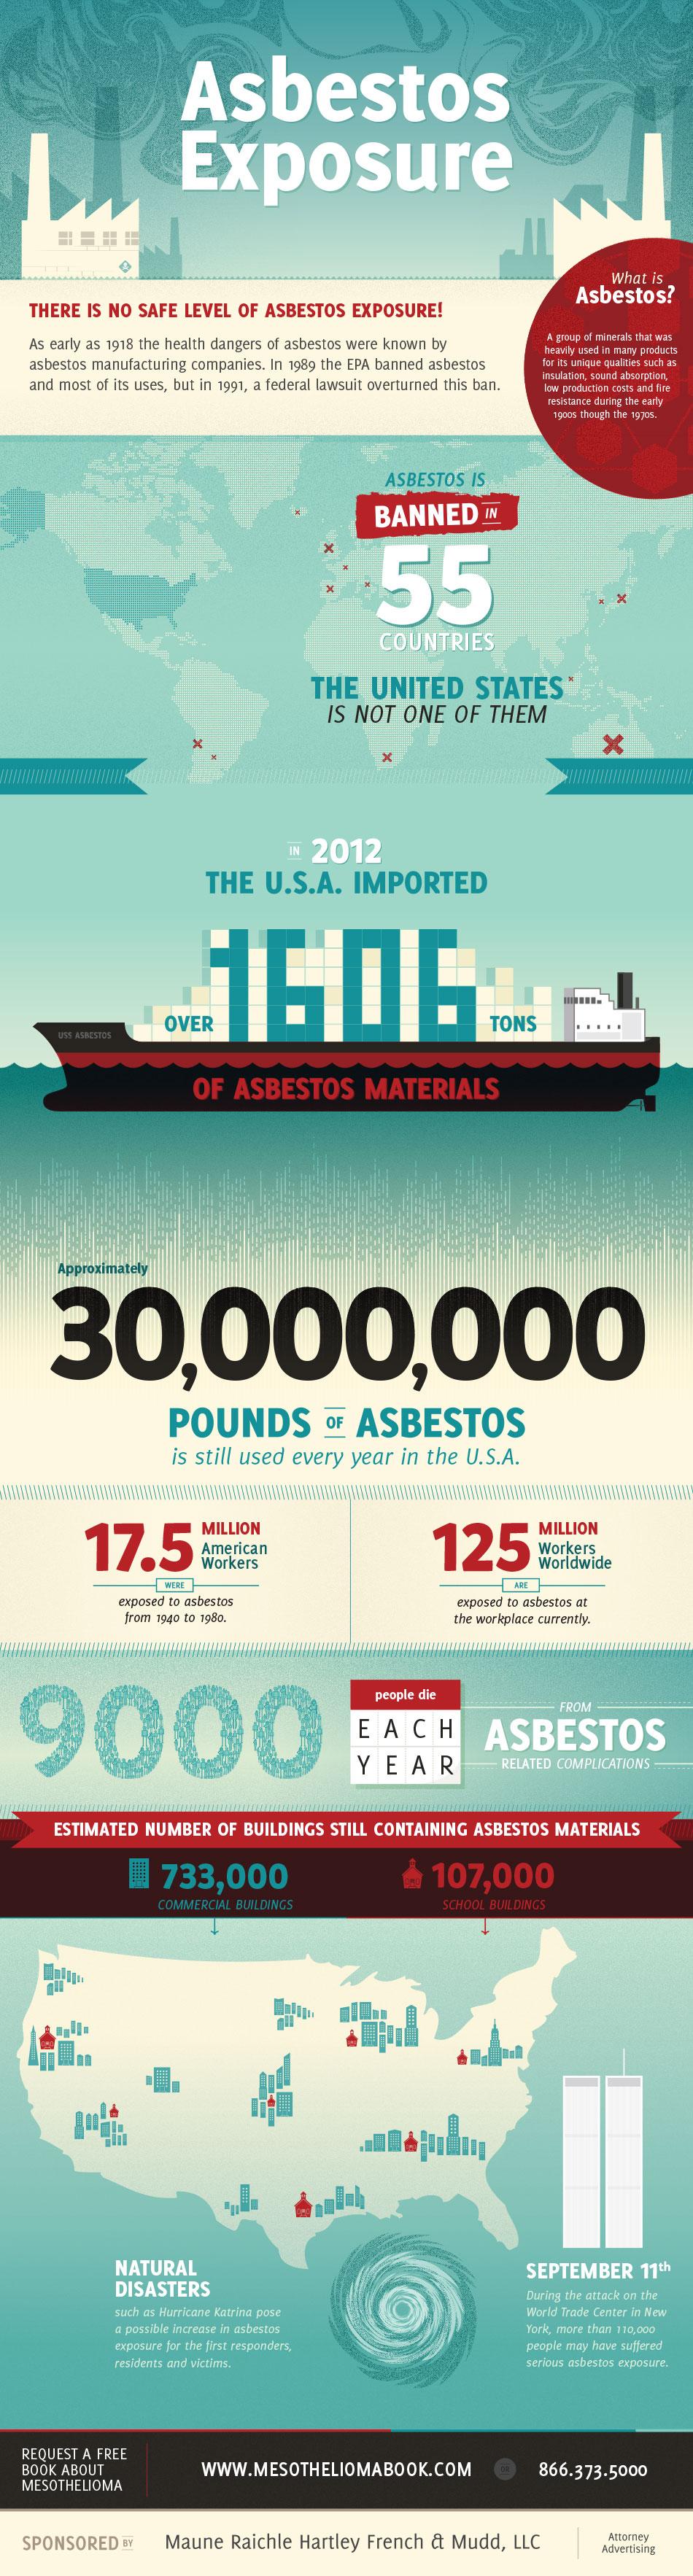 mesothelioma, asbestos exposure infographic